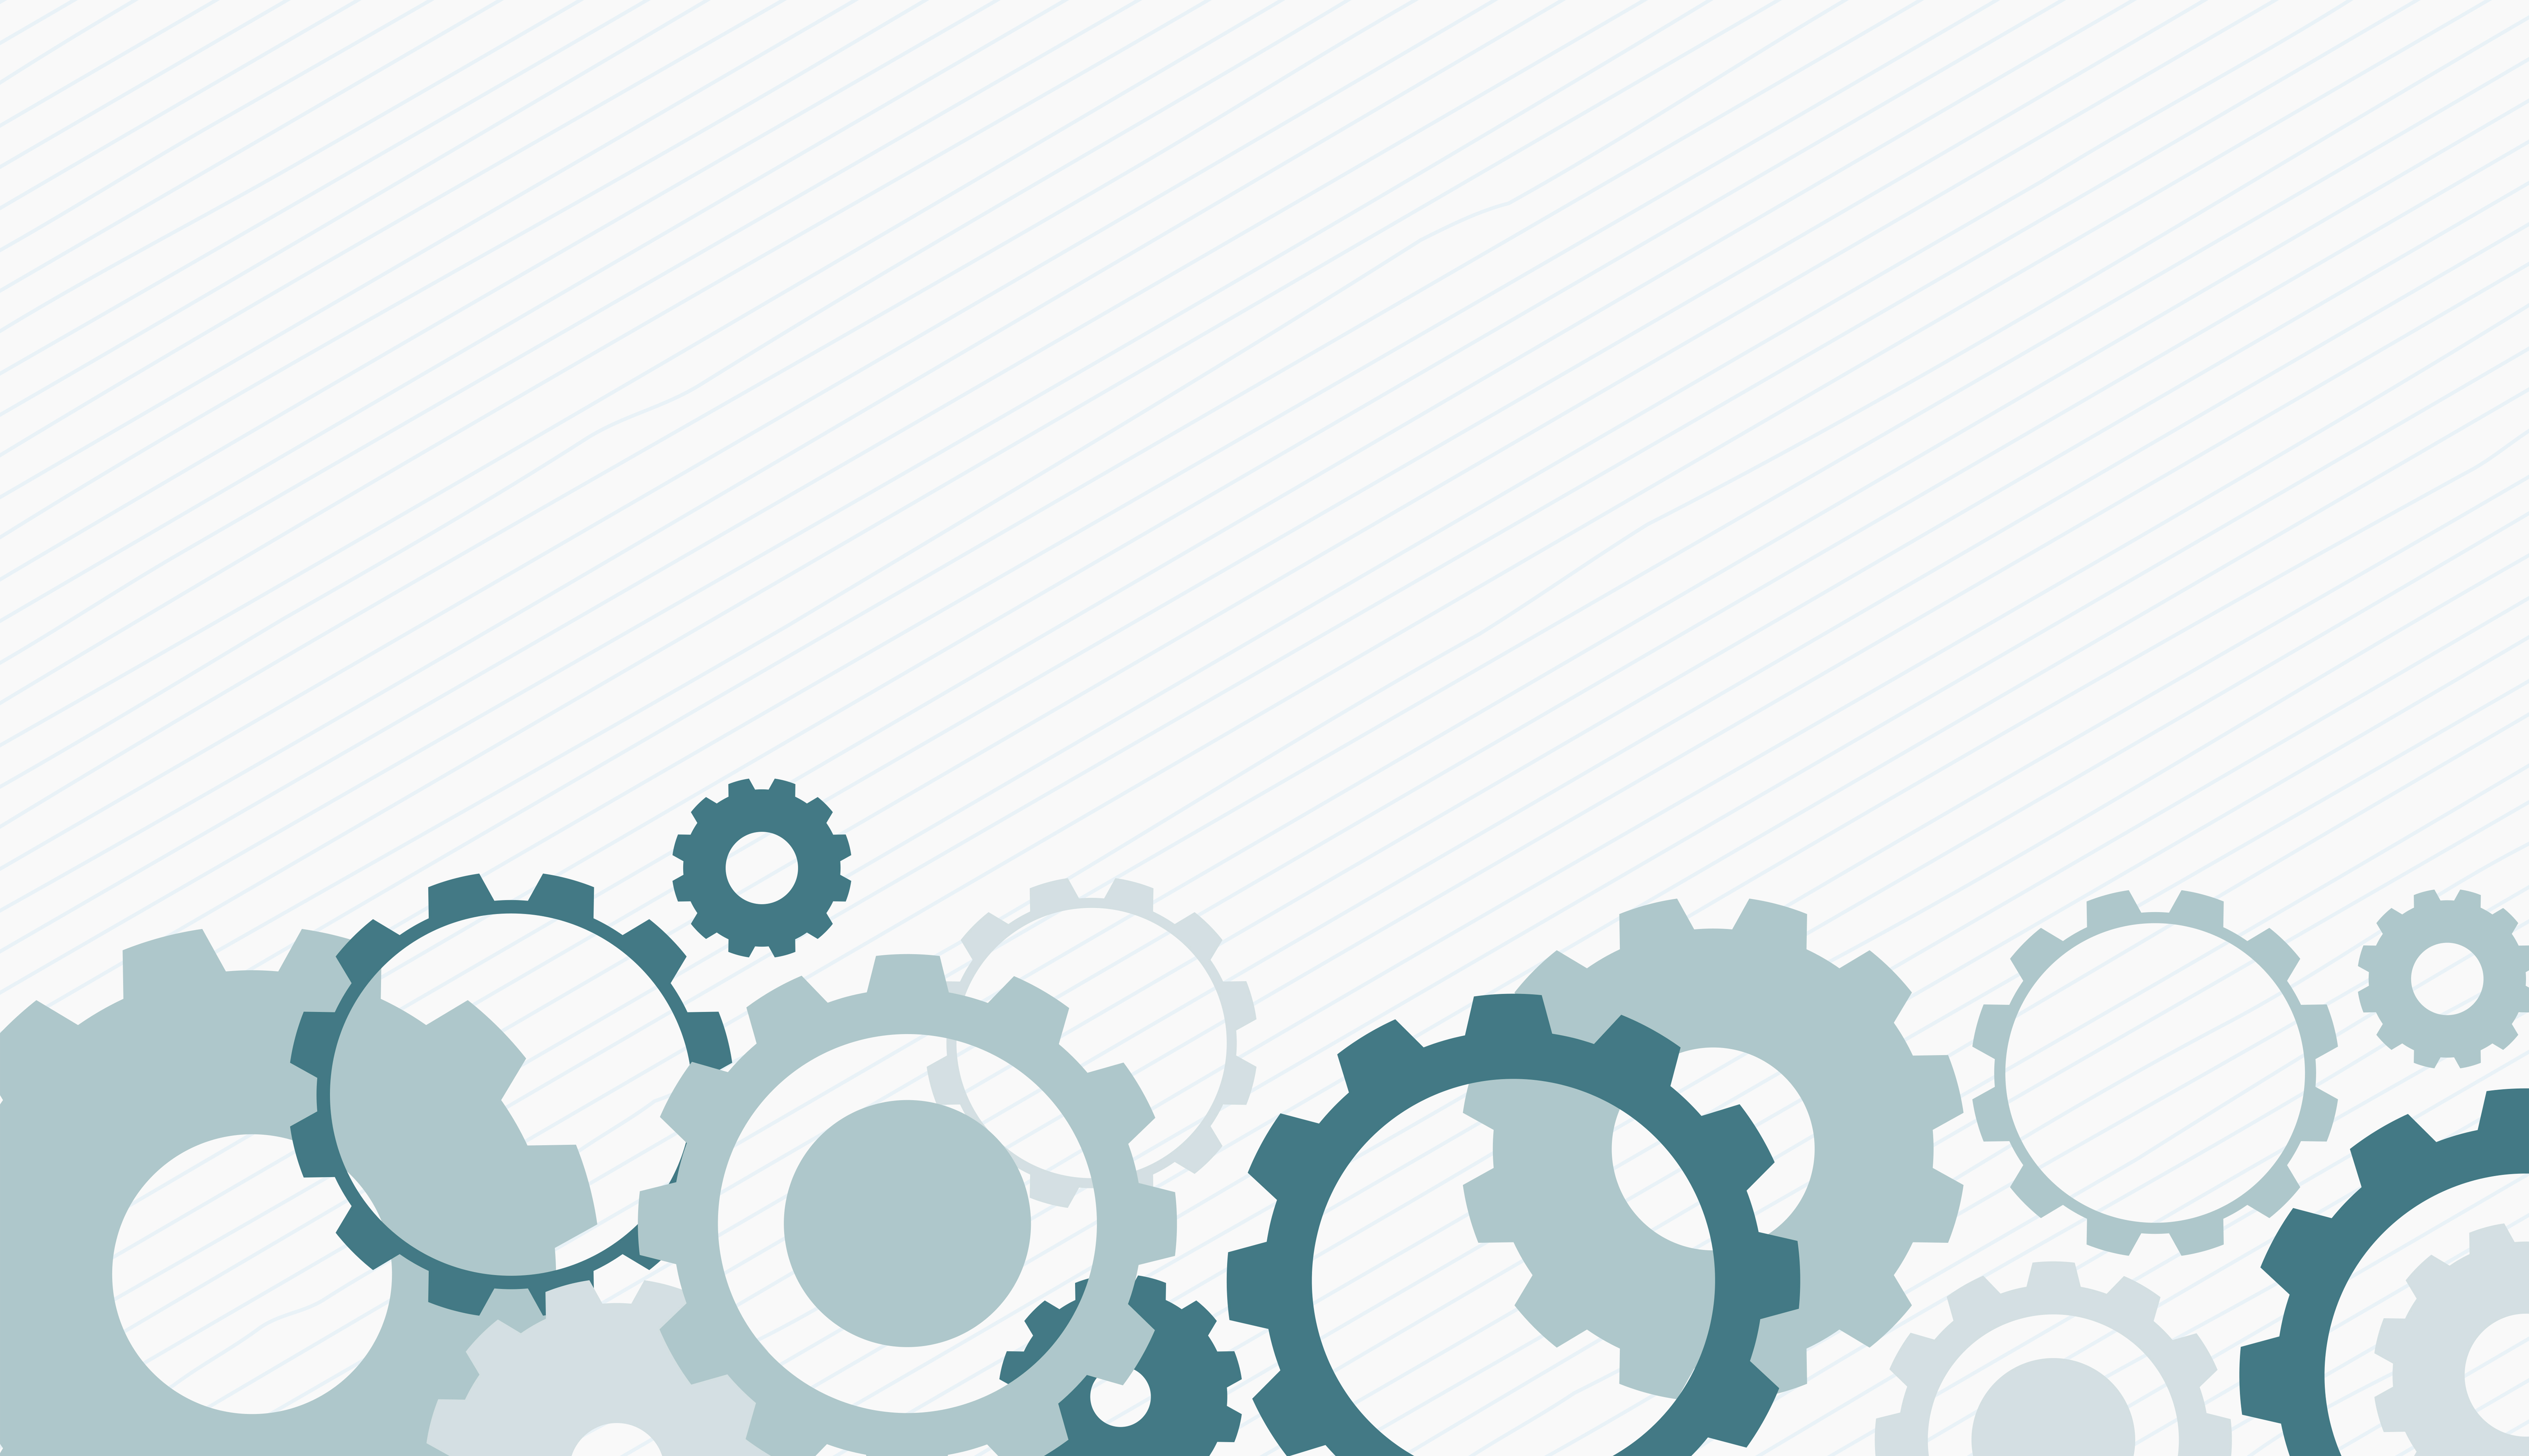 Disegno di sfondo con ingranaggi grigi e blu scarica for Disegno 3d free